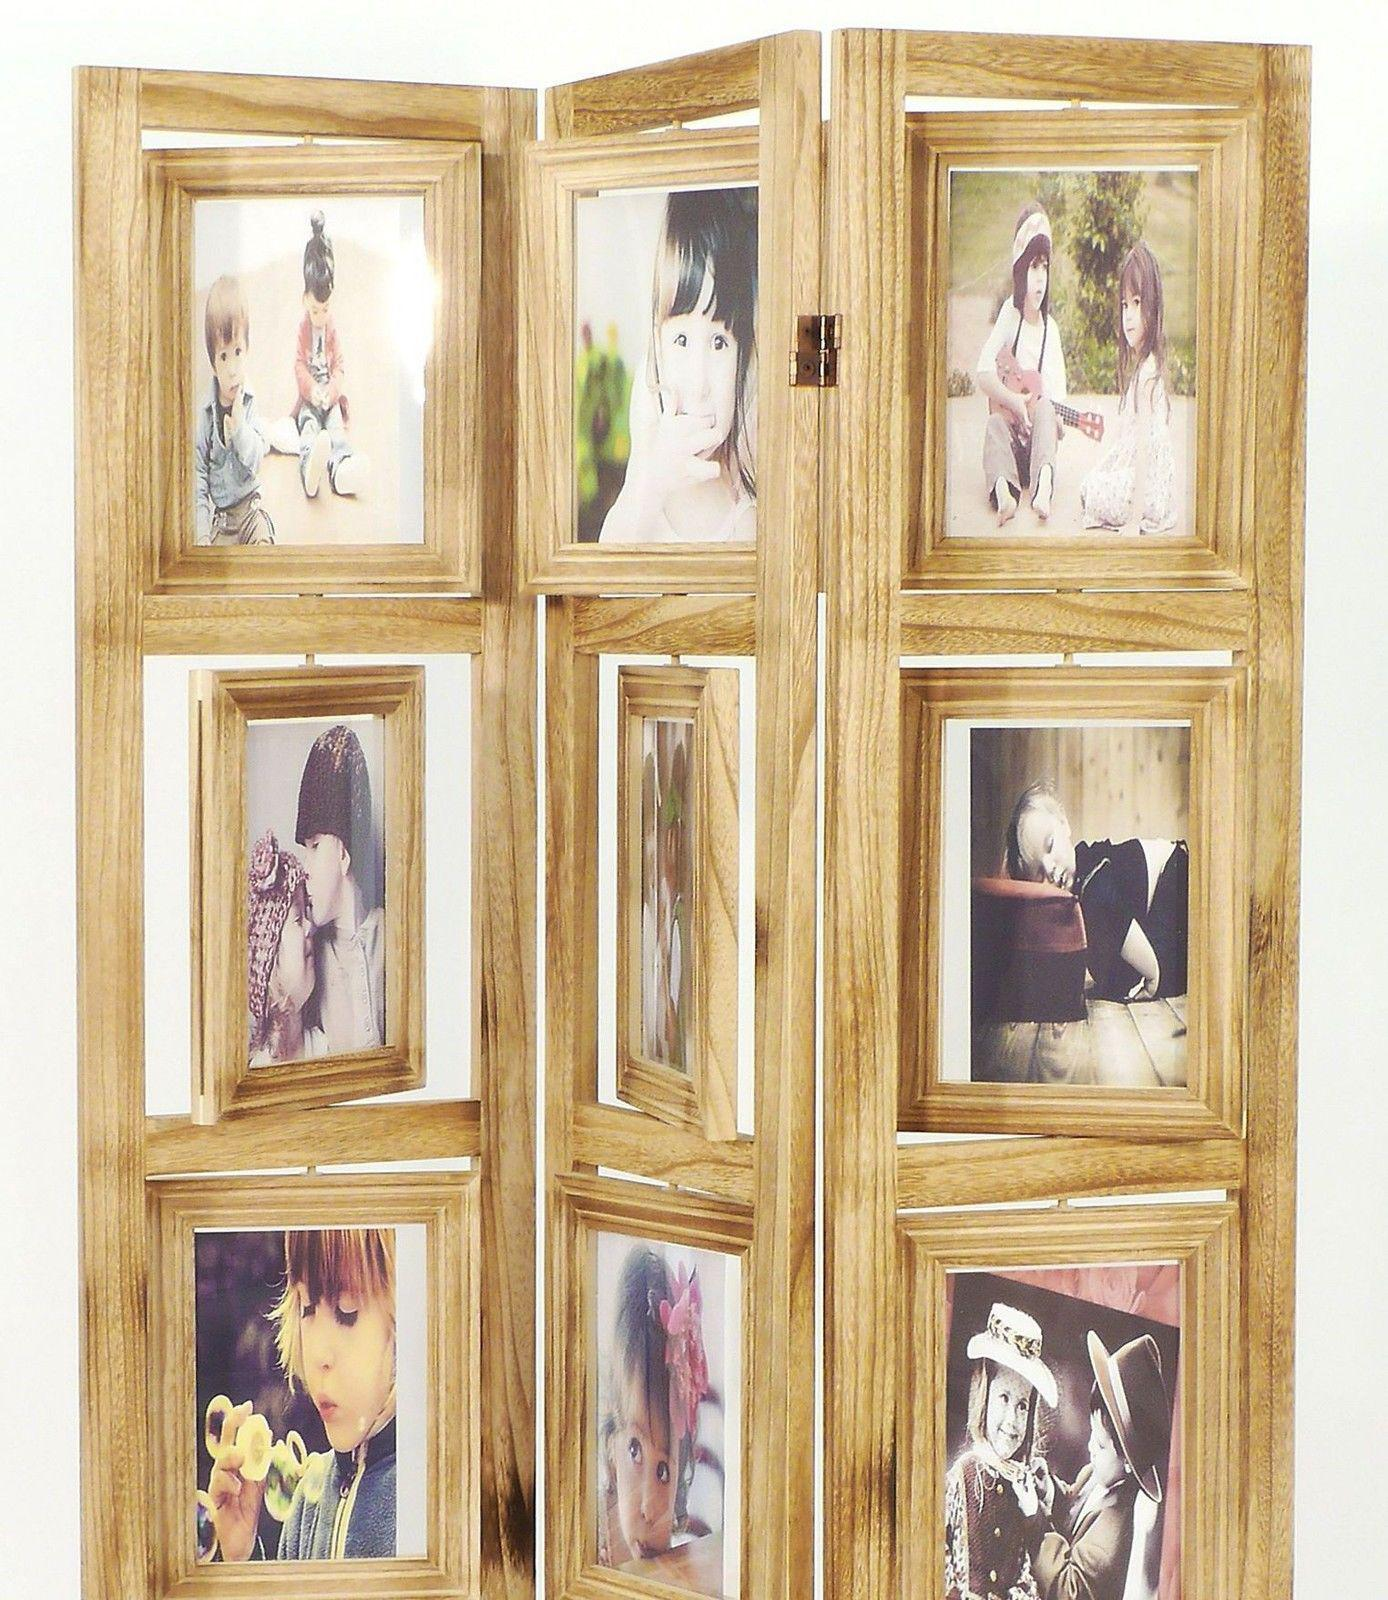 Trennwand Aus Holz Im Schlafzimmer: Paravent Mit Bilderrahmen 16930 Raumteiler 161 Cm Holz